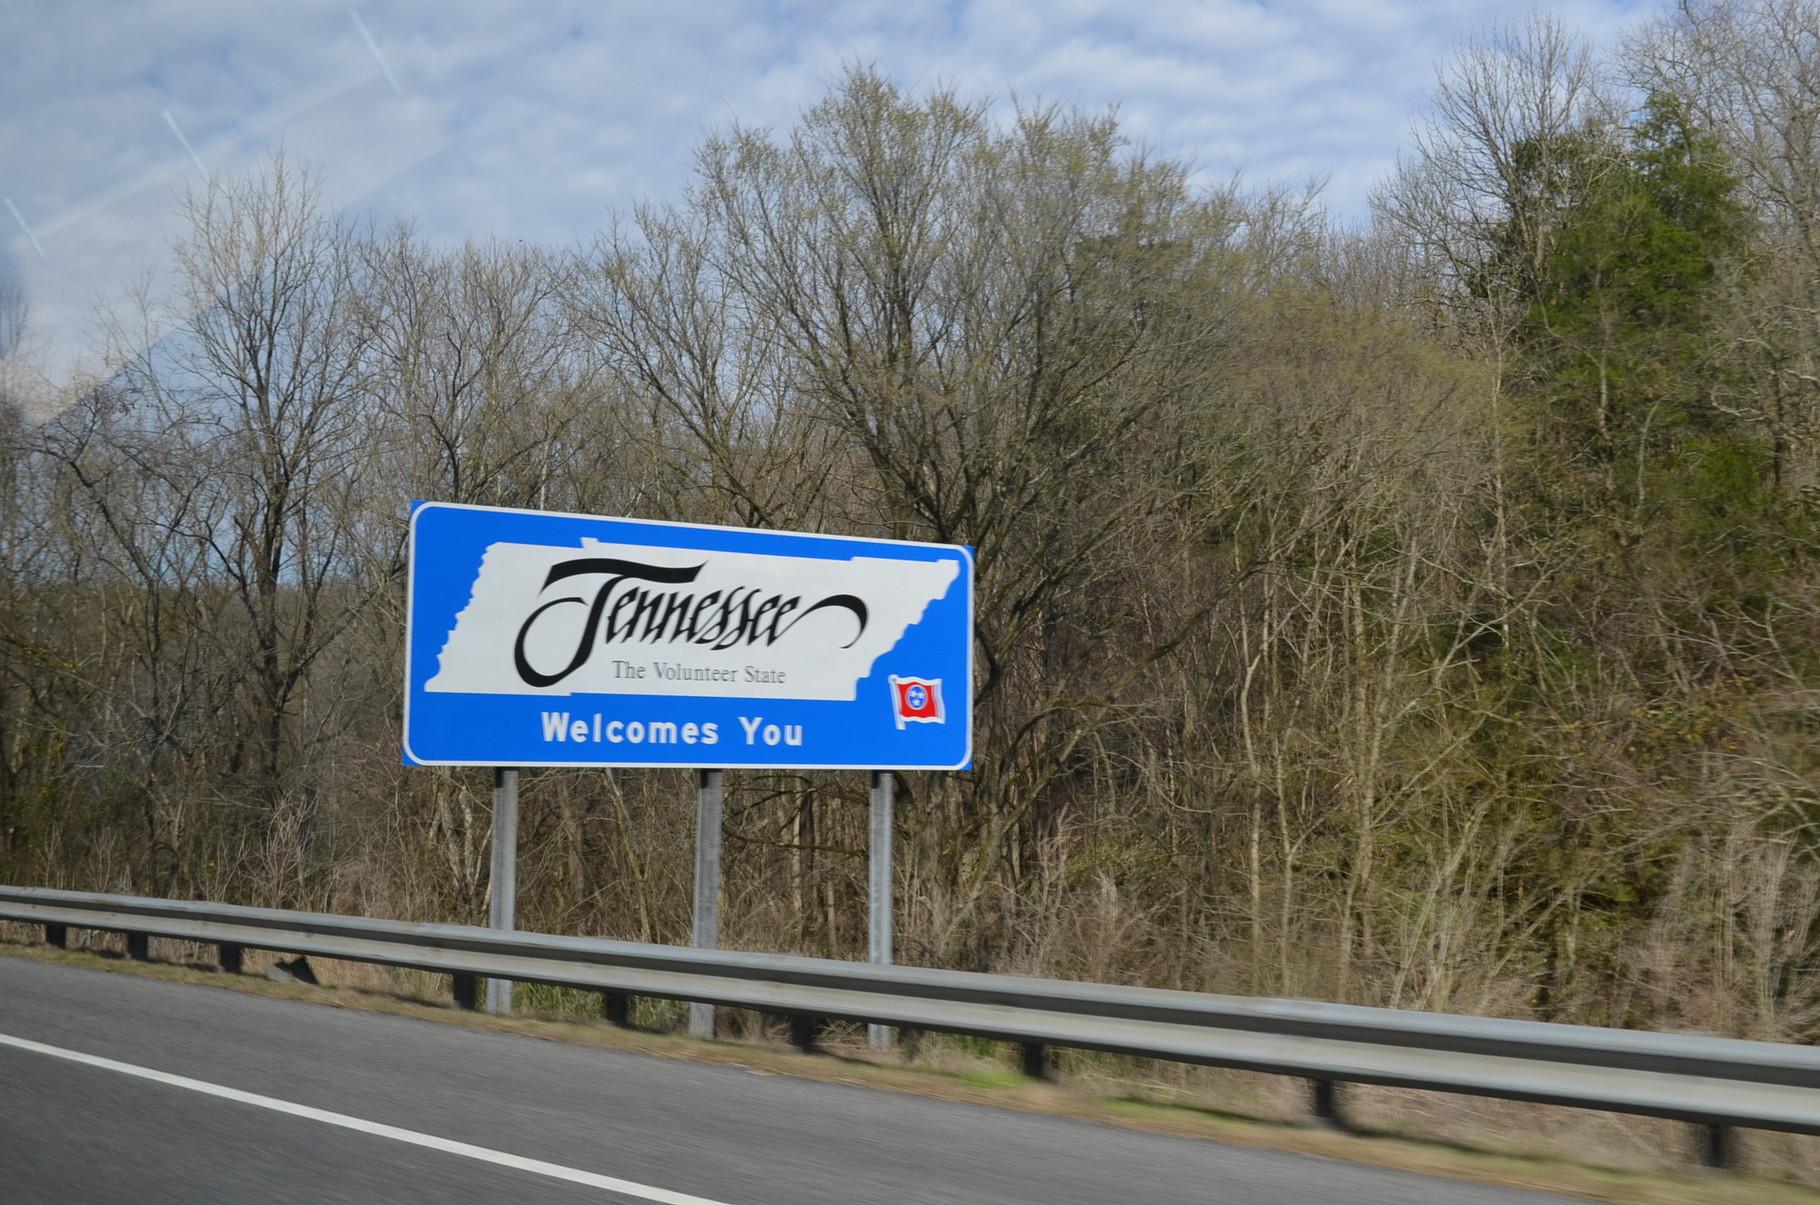 und schon wieder zurück im wunderschönen Tennessee!